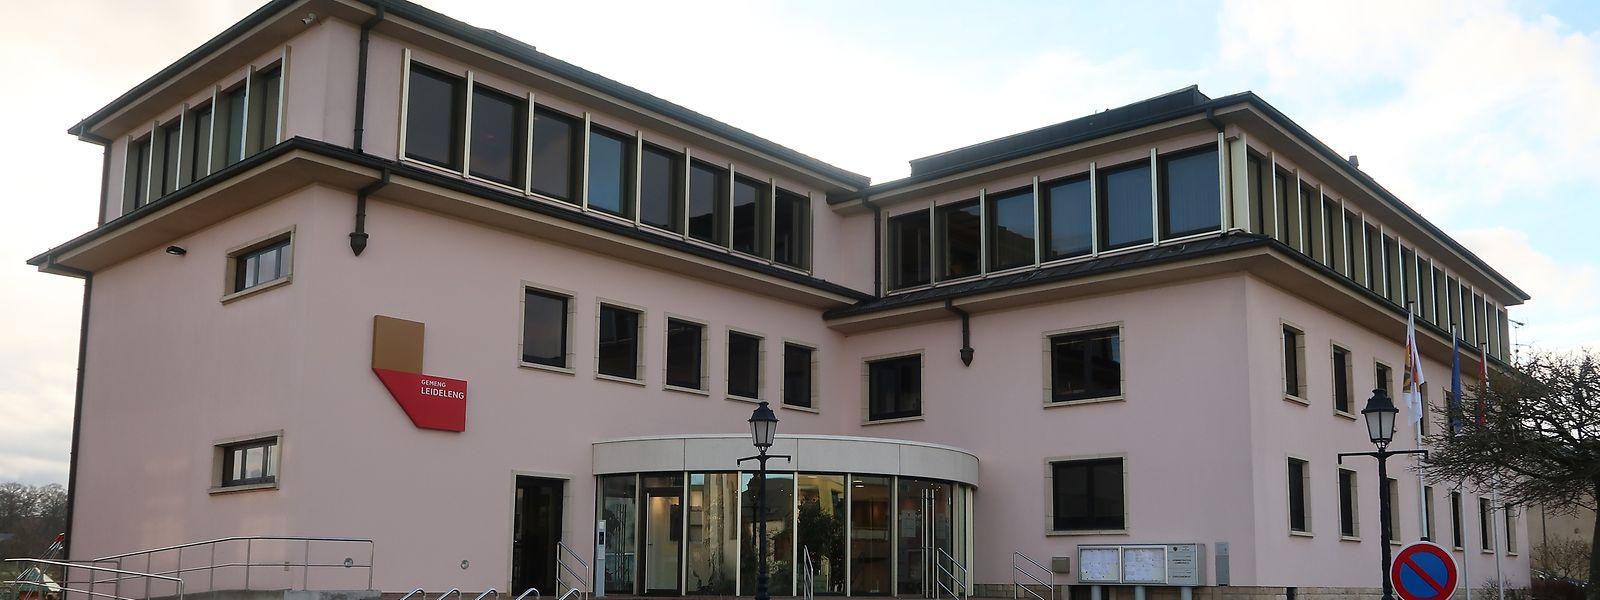 Einer informellen Umfrage zufolge liebäugeln 58 Prozent der Einwohner der Gemeinde Leudelingen mit dem Wahlbezirk Zentrum.